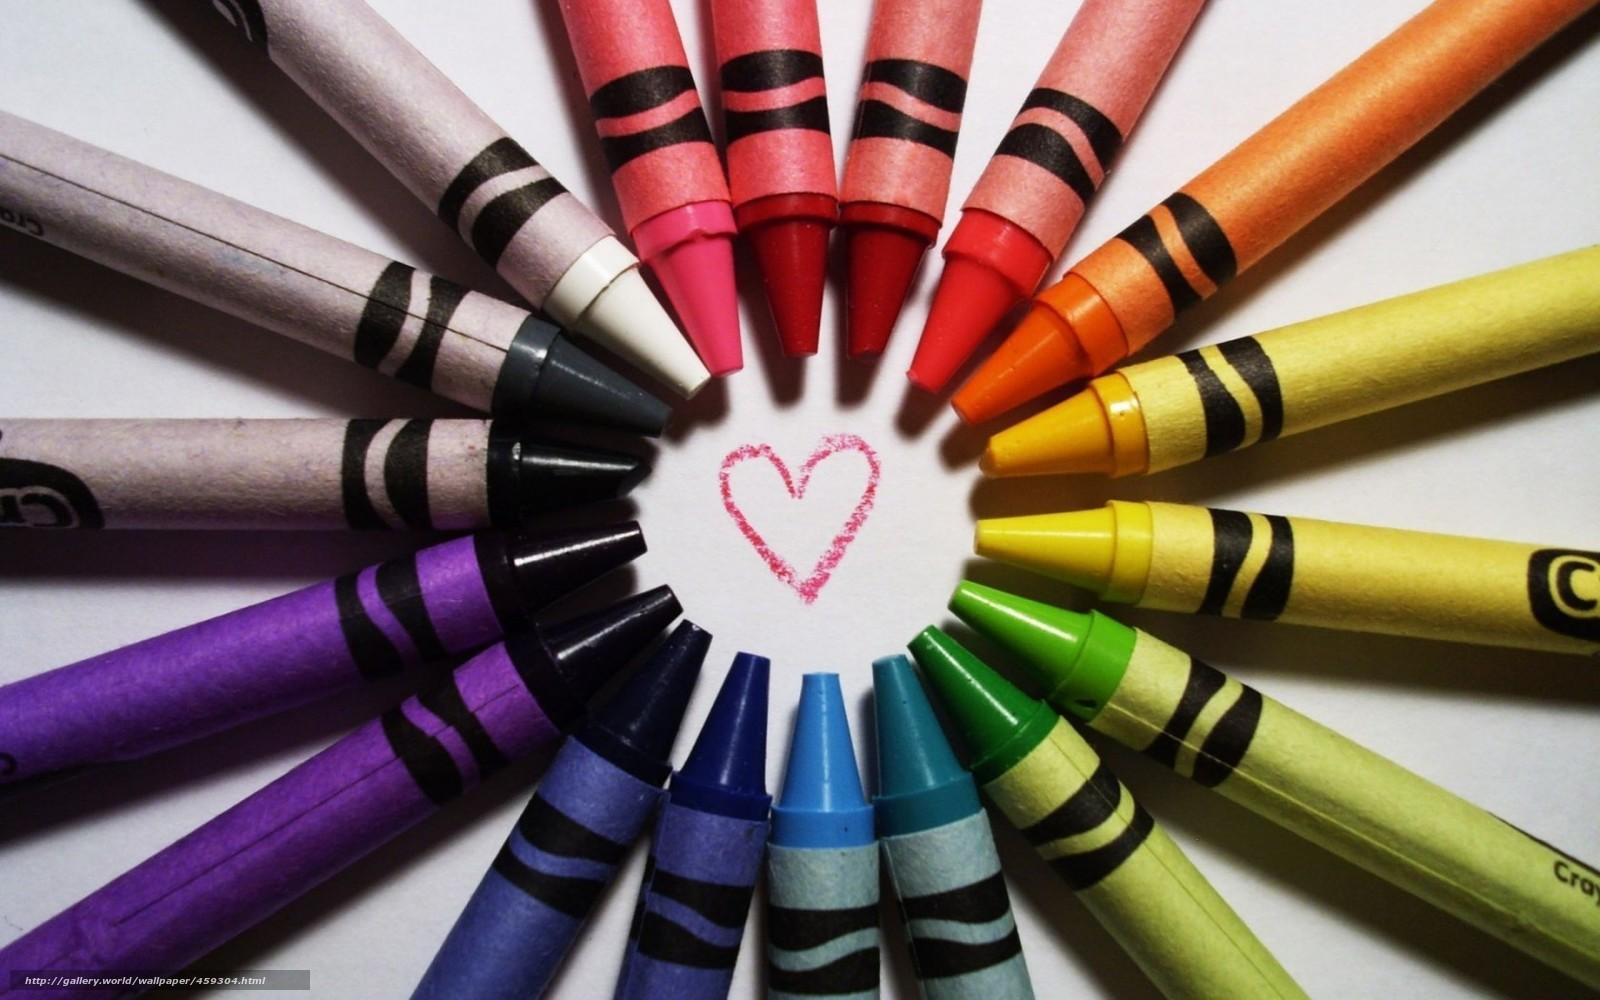 Tlcharger Fond d'ecran Crayons, Multicolore, positif, dessin Fonds d'ecran gratuits pour votre ...